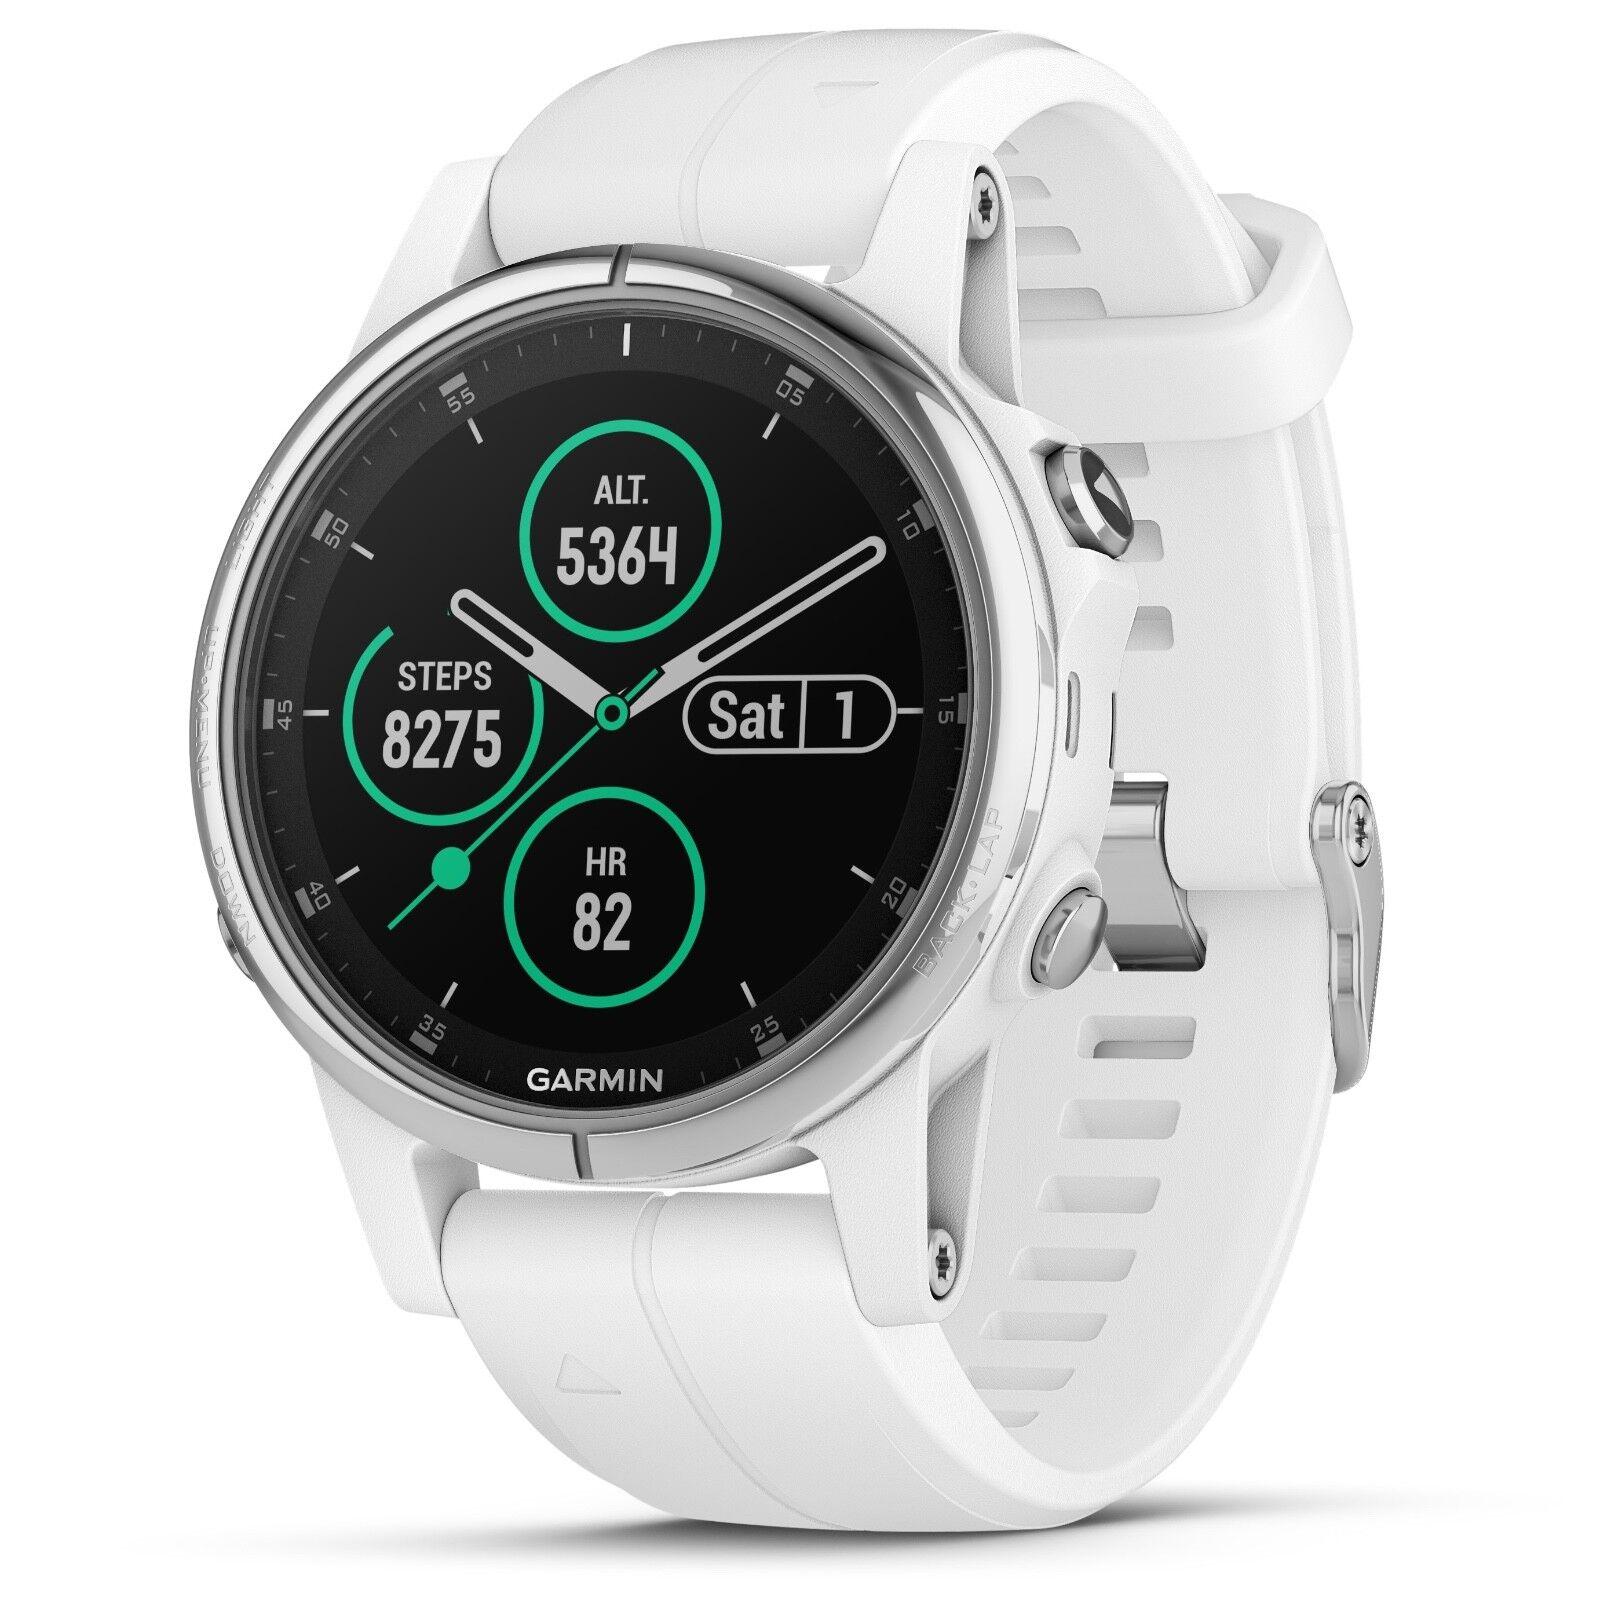 Garmin Fenix 5S Plus Sapphire Sapphire Sapphire GPS Watch Weiß w/ Carrara Weiß Band 010-01987-00 c1dc96